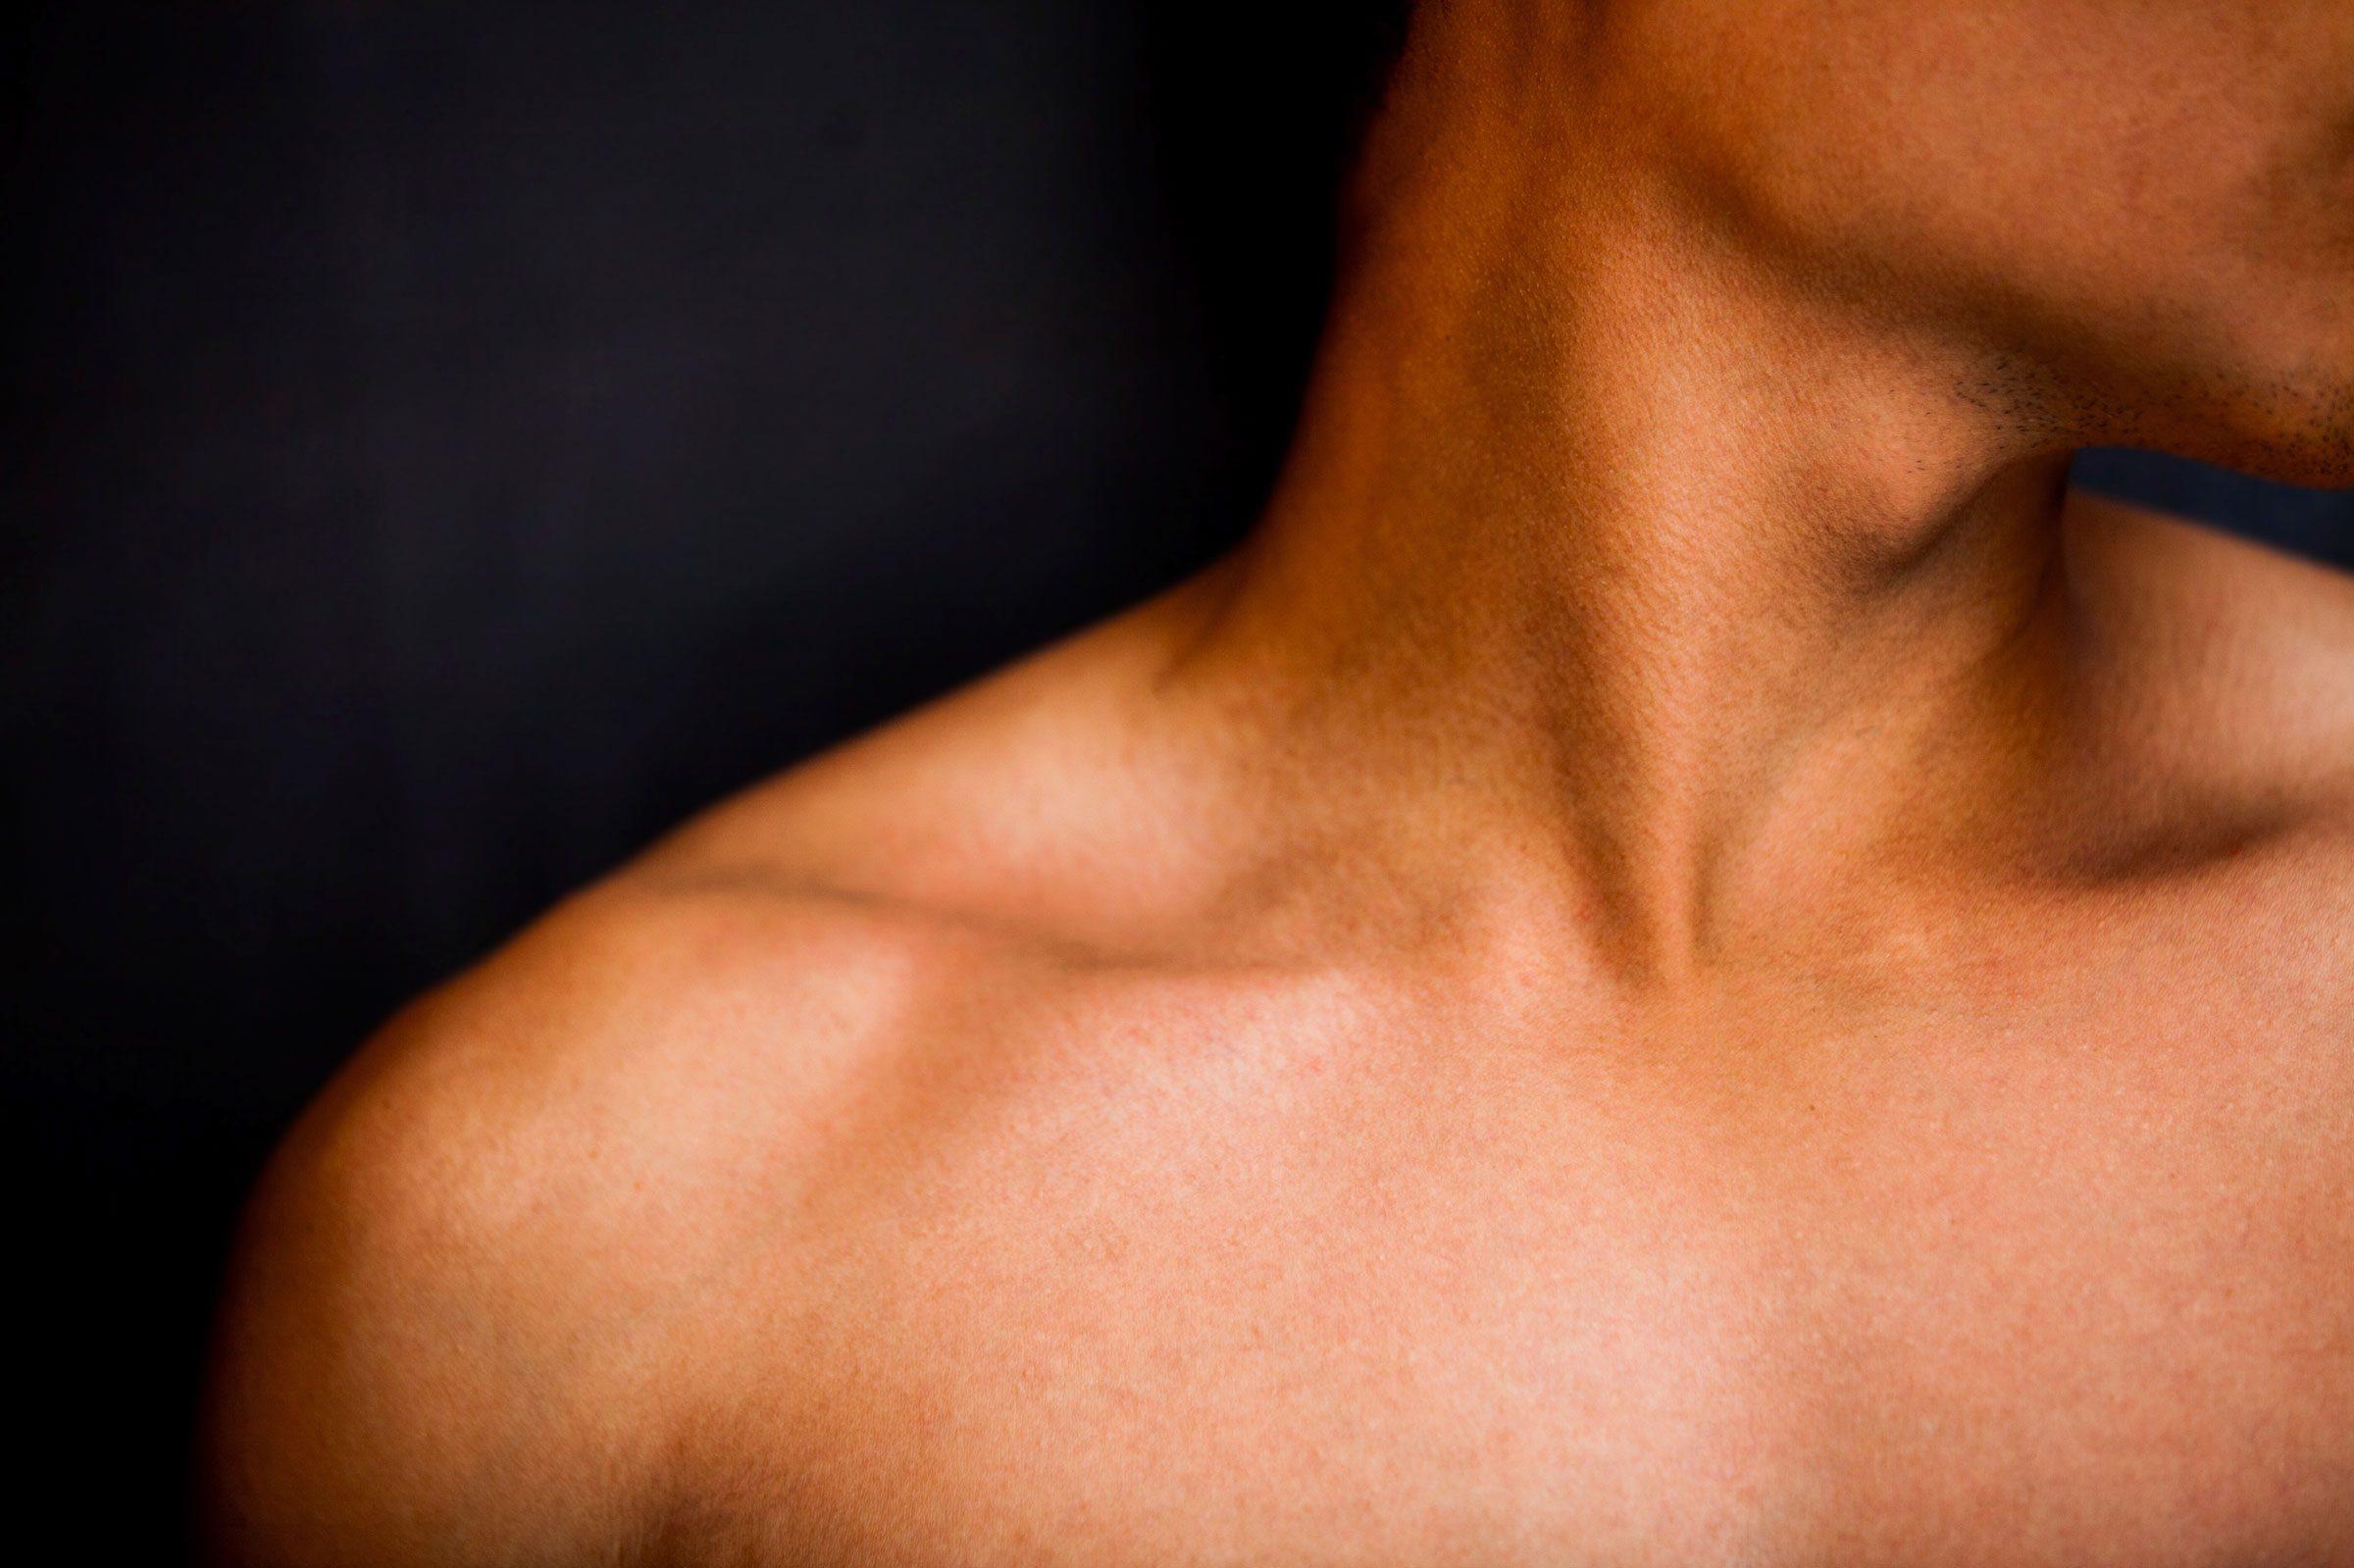 Mieux vaut se couvrir les mains, le cou et la poitrine pour avoir une belle peau.